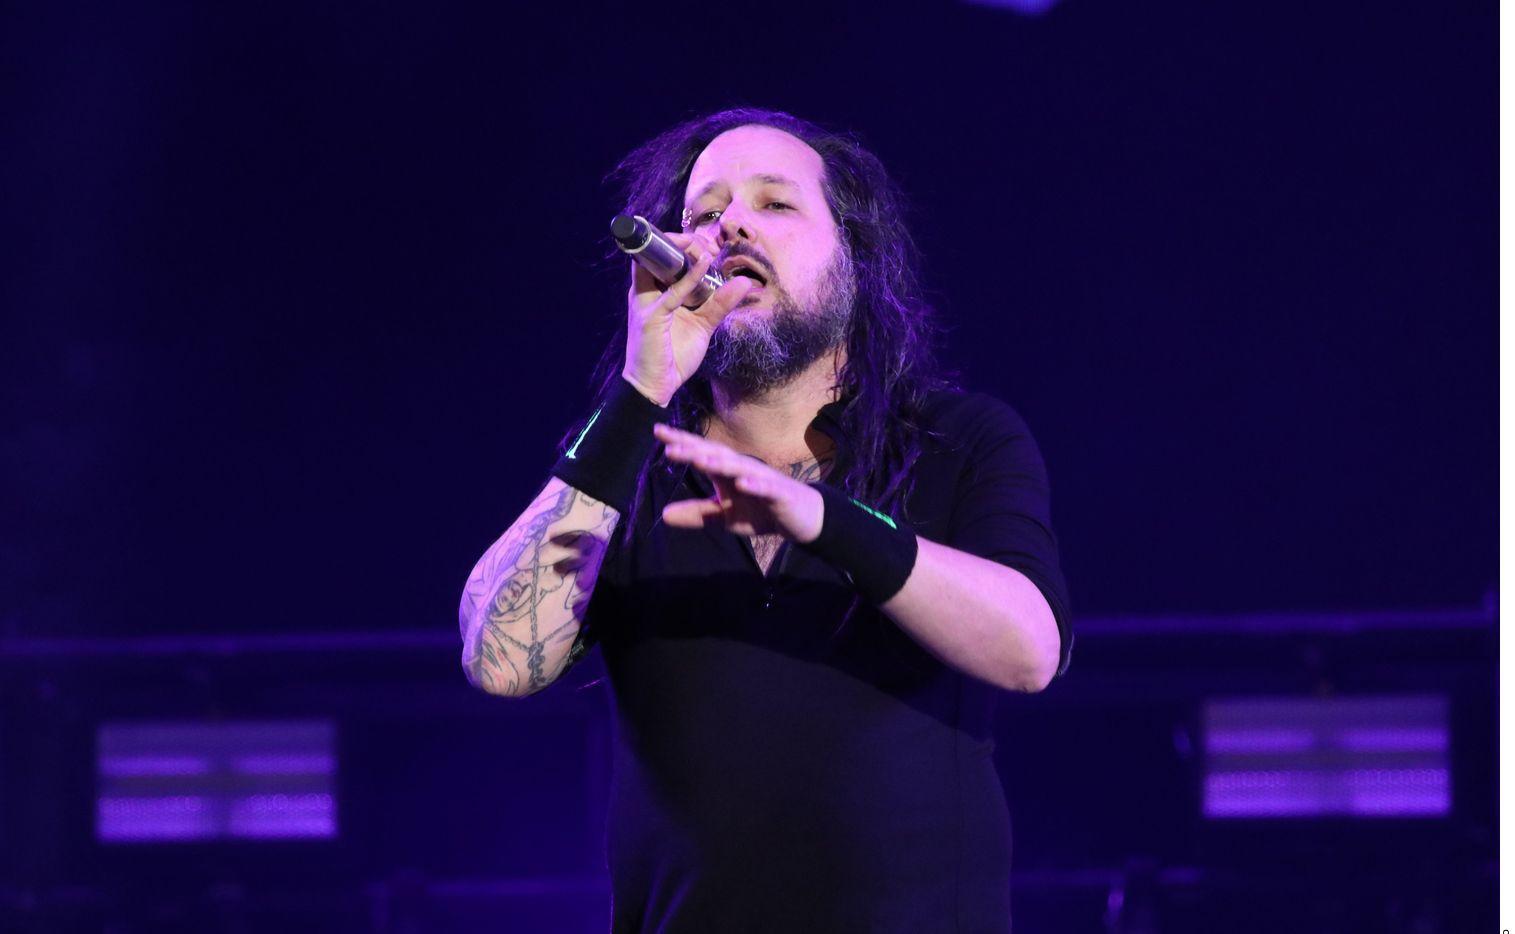 Korn, el conjunto formado en California en 1993, que ha vendido más de 40 millones de discos, anunció el contagio de su líder Jonathan Davis hace dos semanas, disculpándose porque al menos seis conciertos tendrían que ser pospuestos.